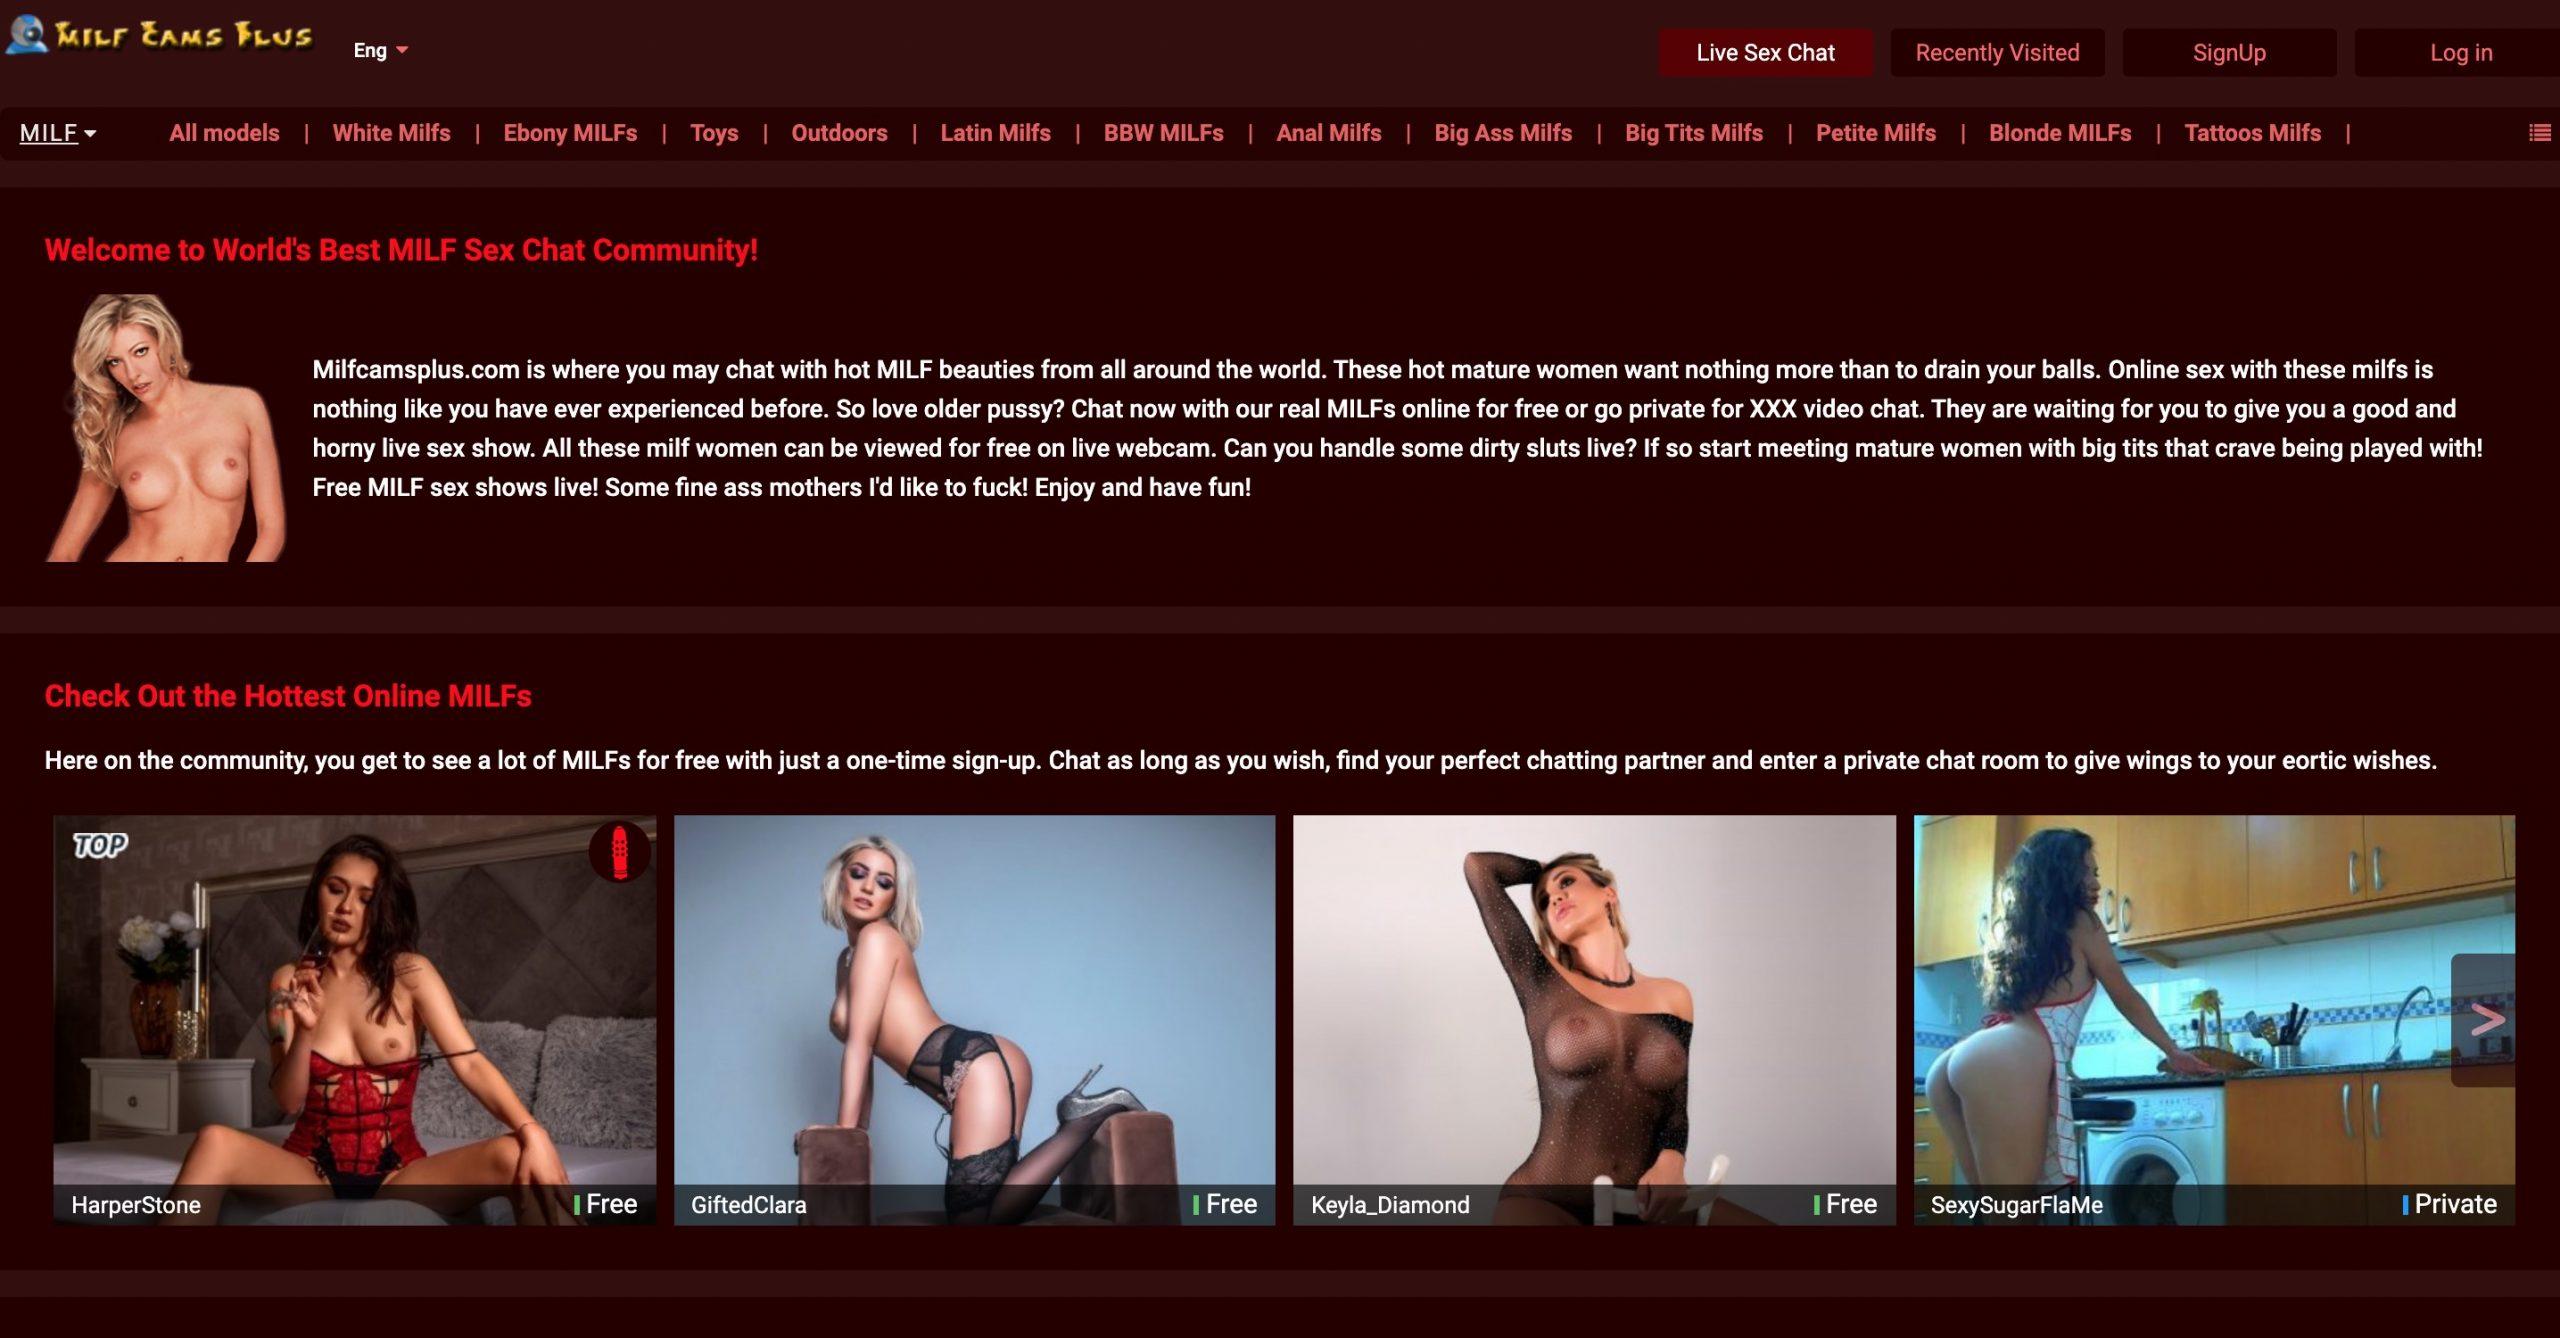 Milf Cams Plus main page